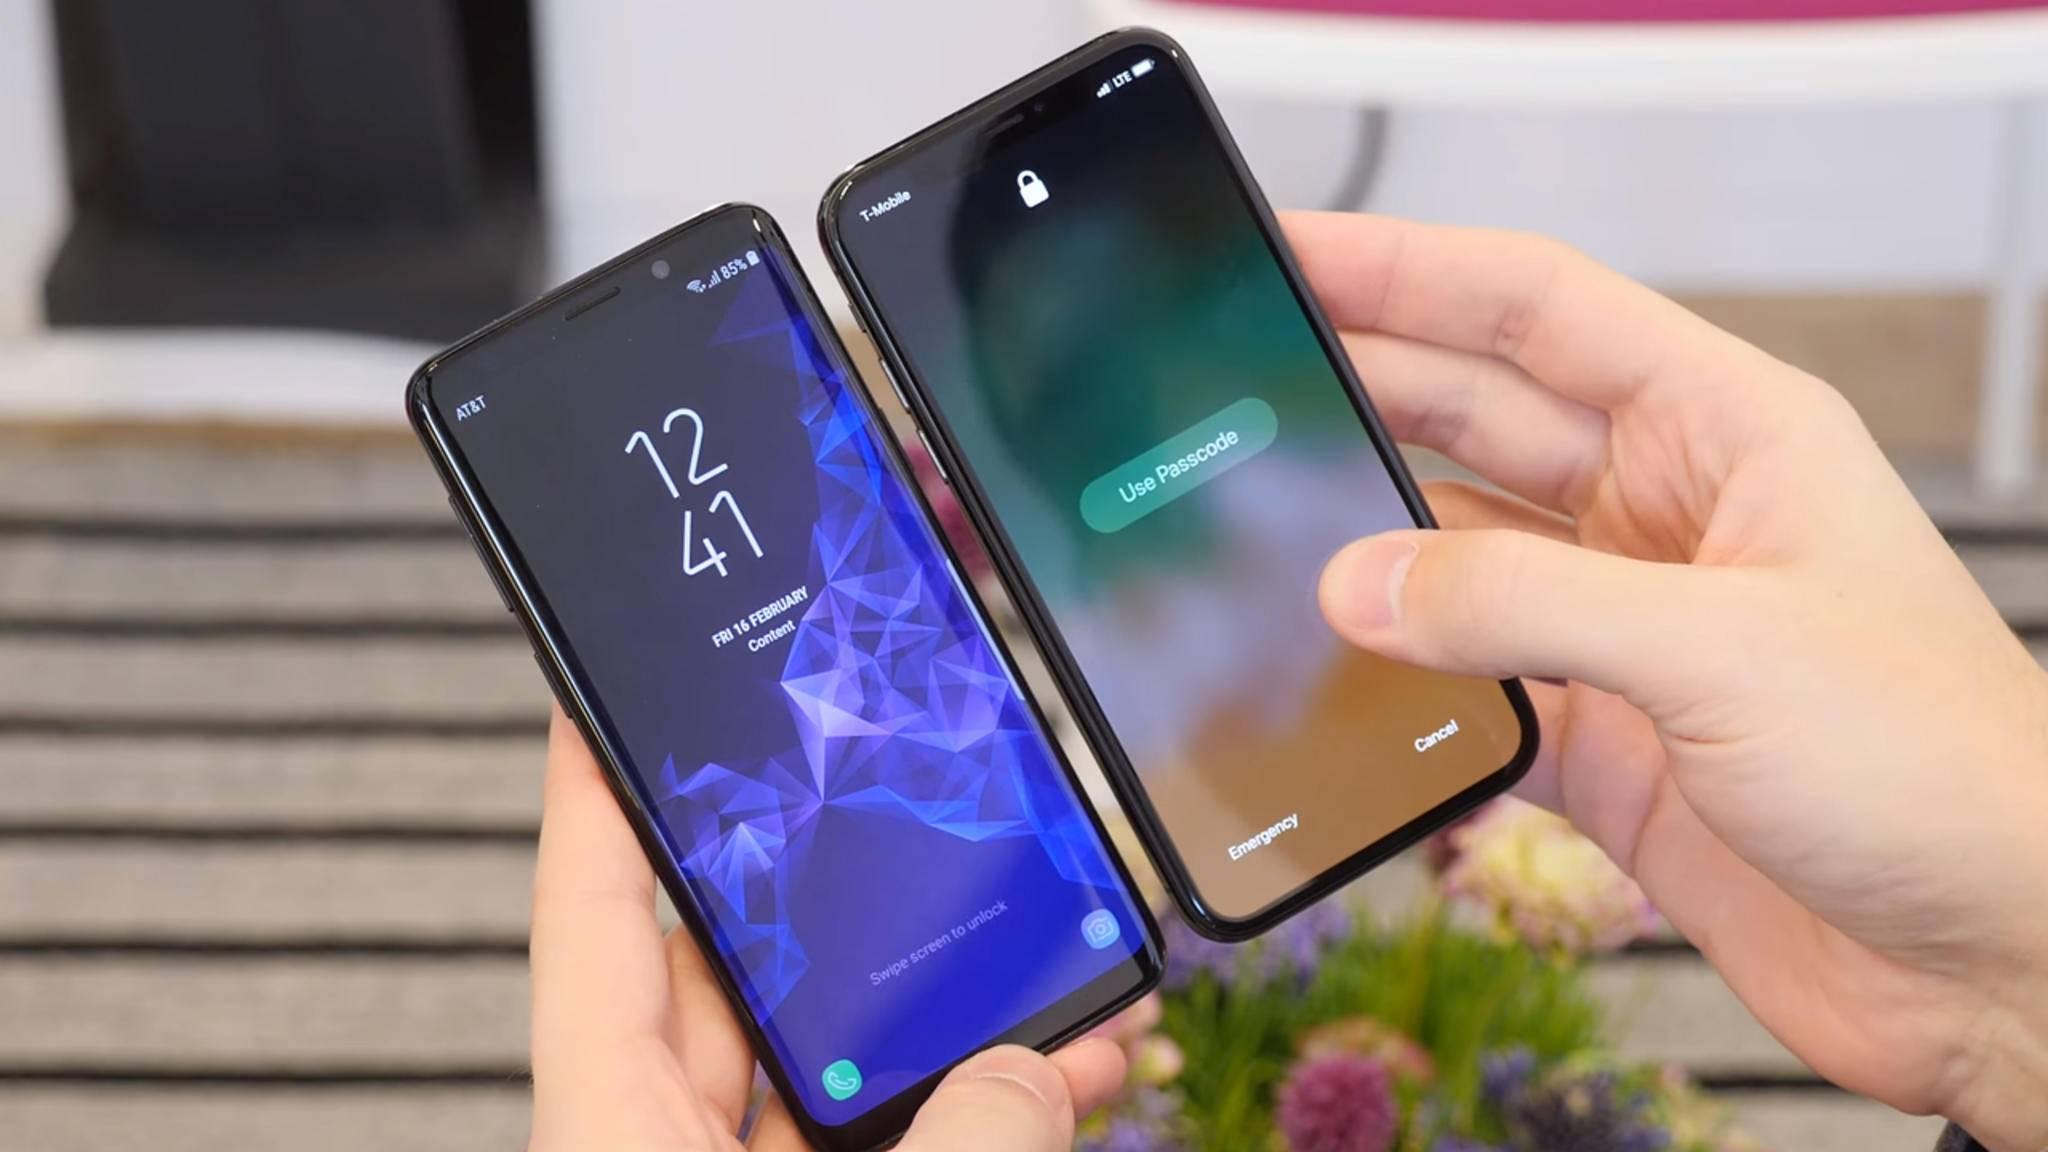 Die Gestensteuerung des iPhone X lässt sich auch auf Android-Smartphones einrichten.